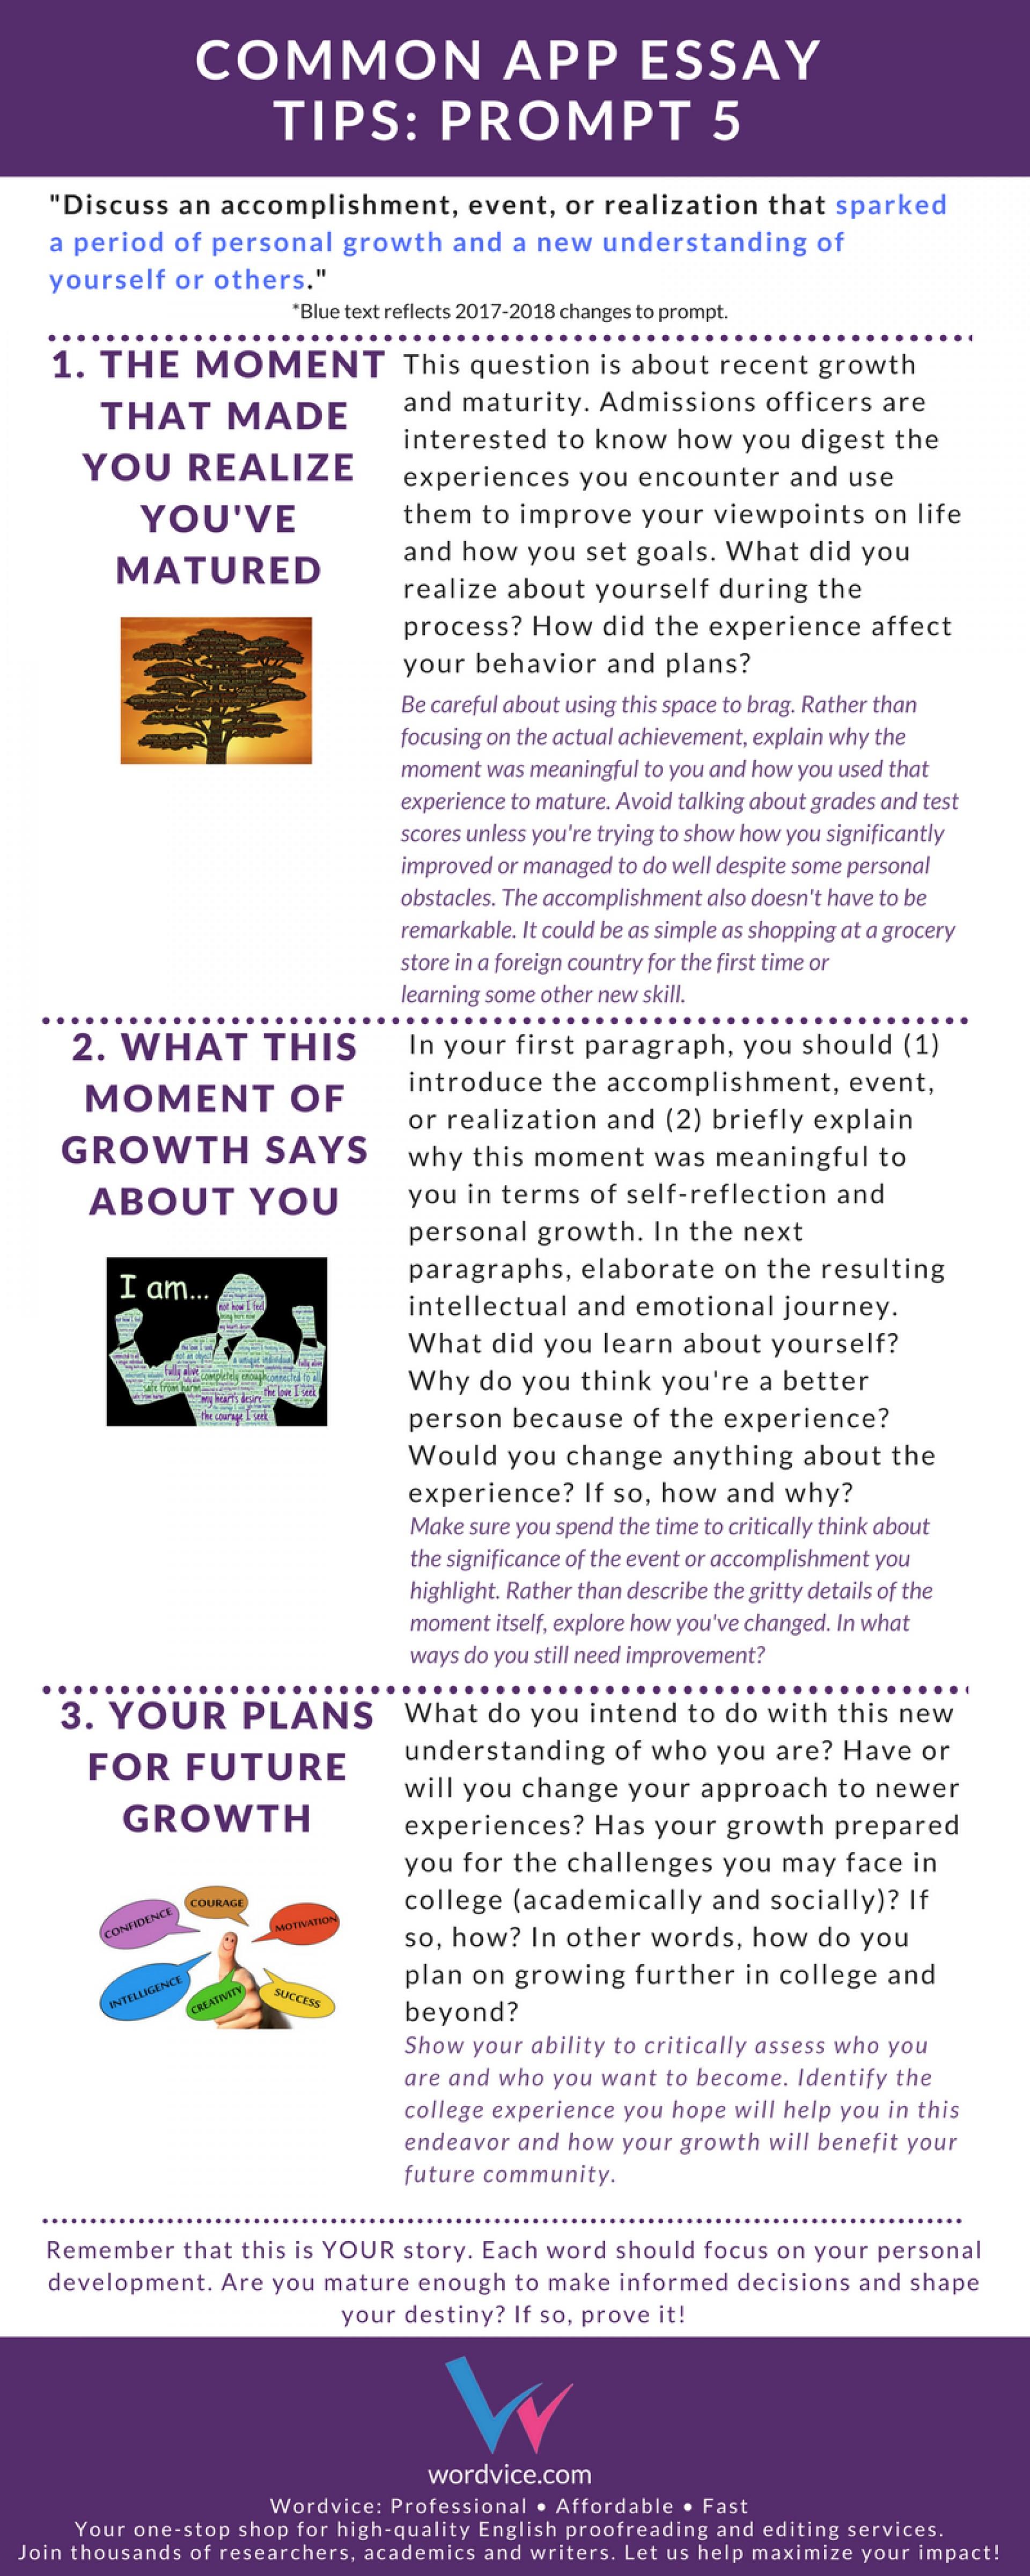 017 Common App Brainstormprompt Essay Prompt Unusual 1 Examples 3 4 1920